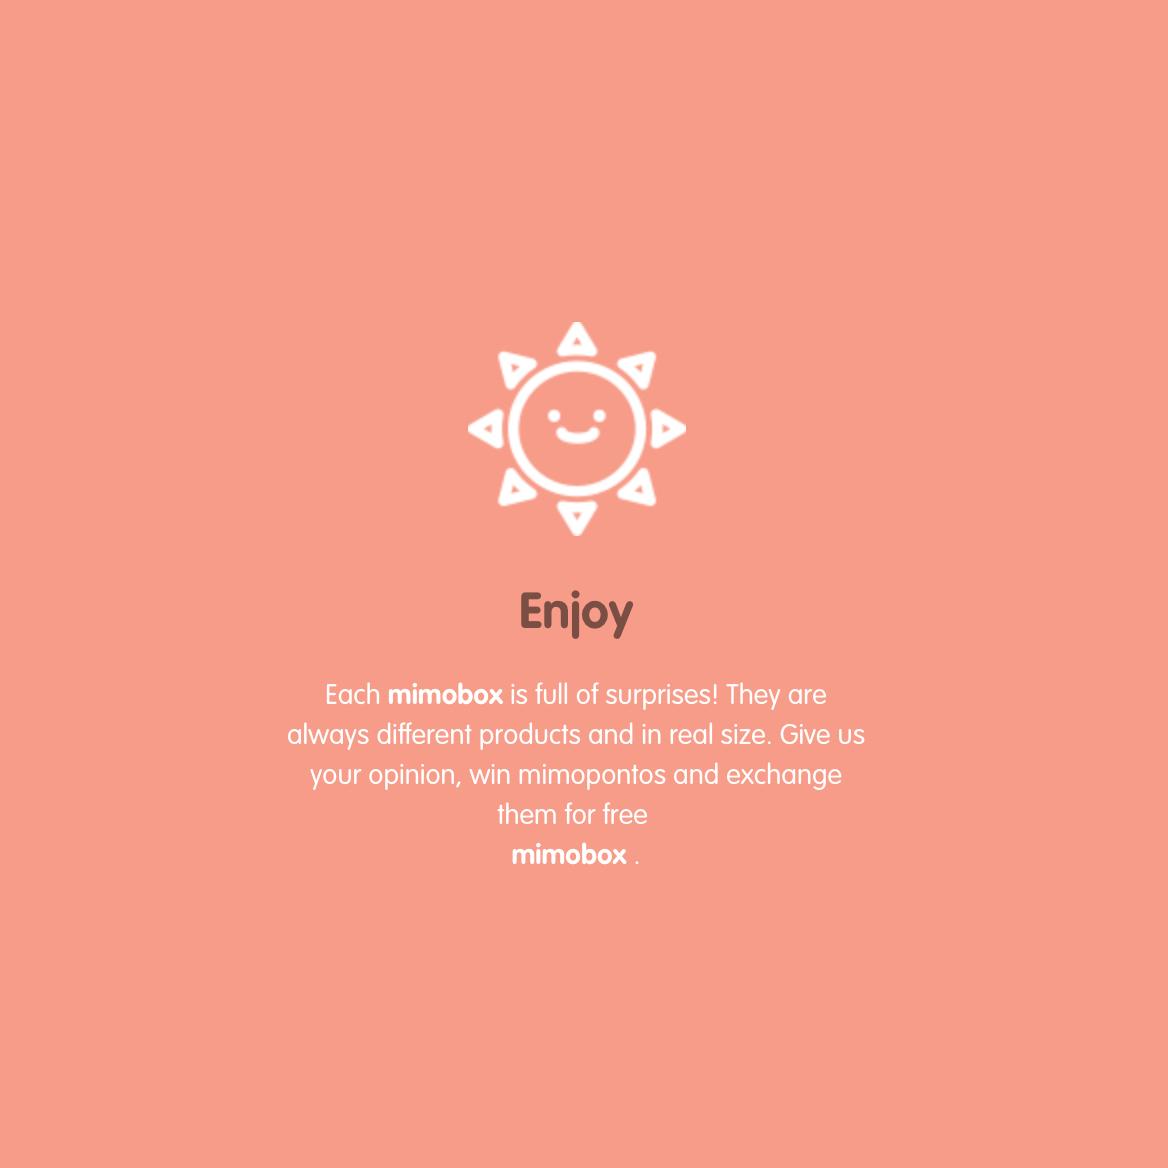 enjoy mimobox